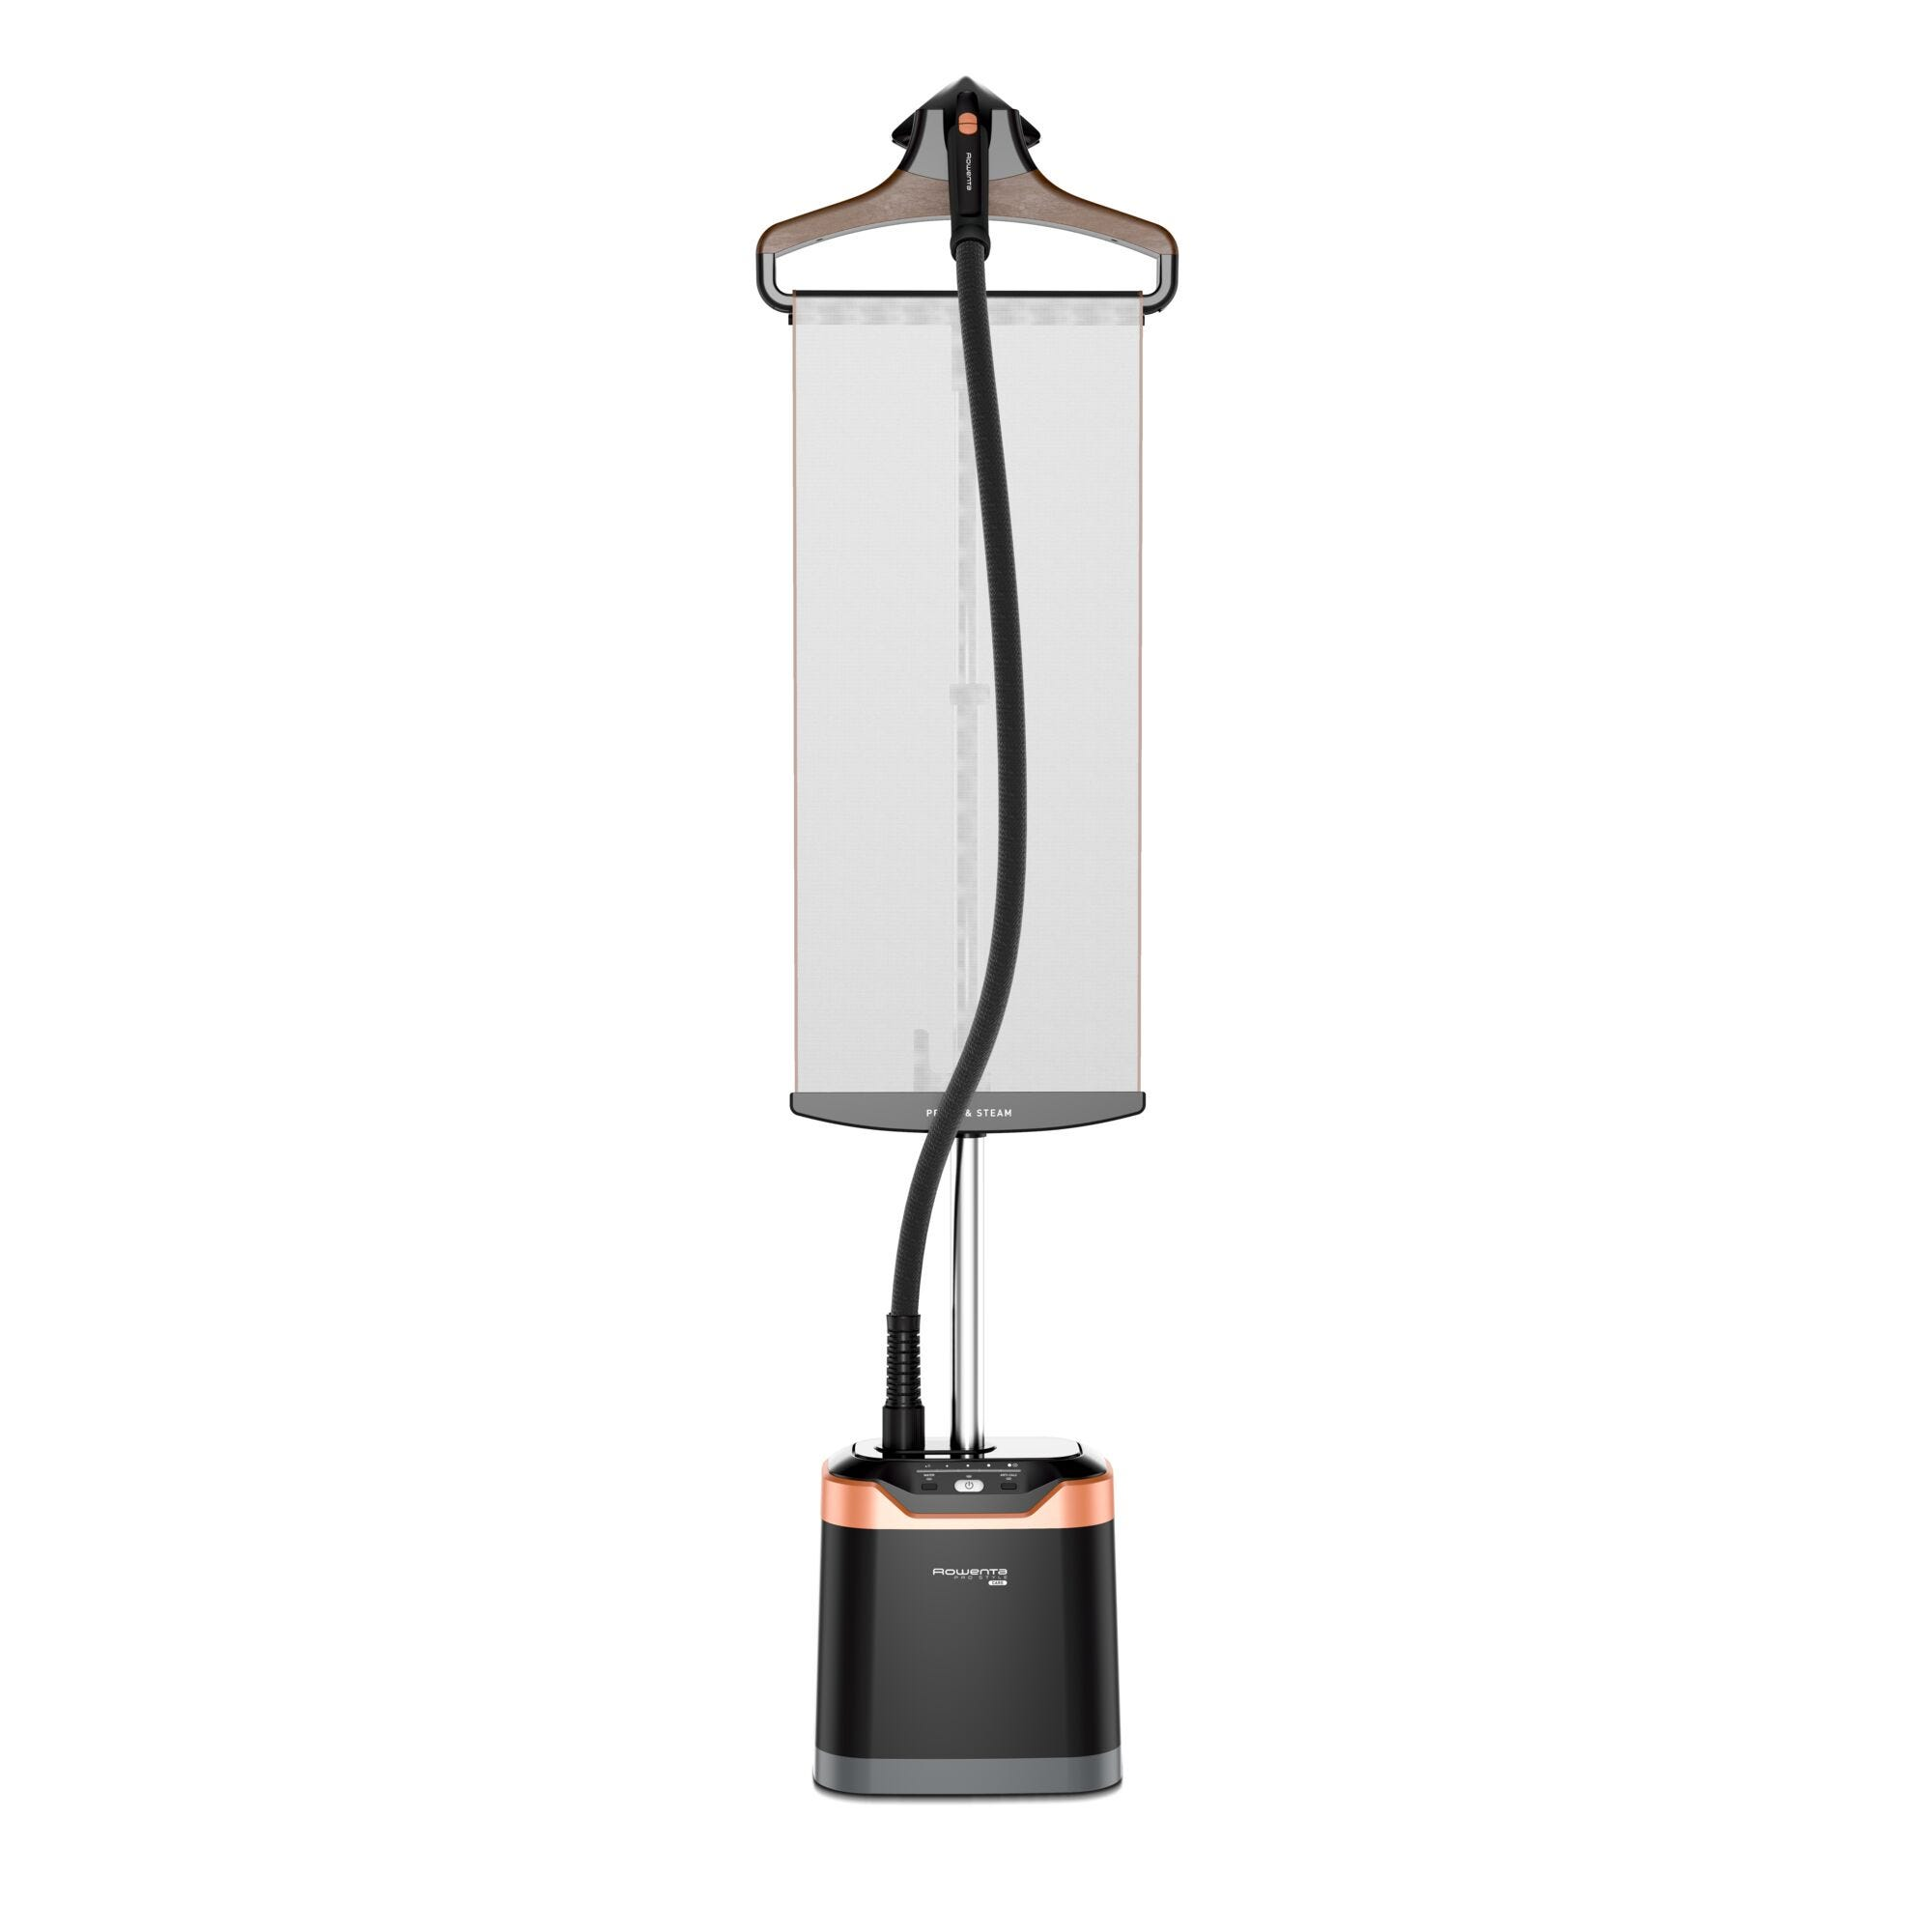 Centro de planchado vertical Rowenta Pro Style Care color negro y cobre